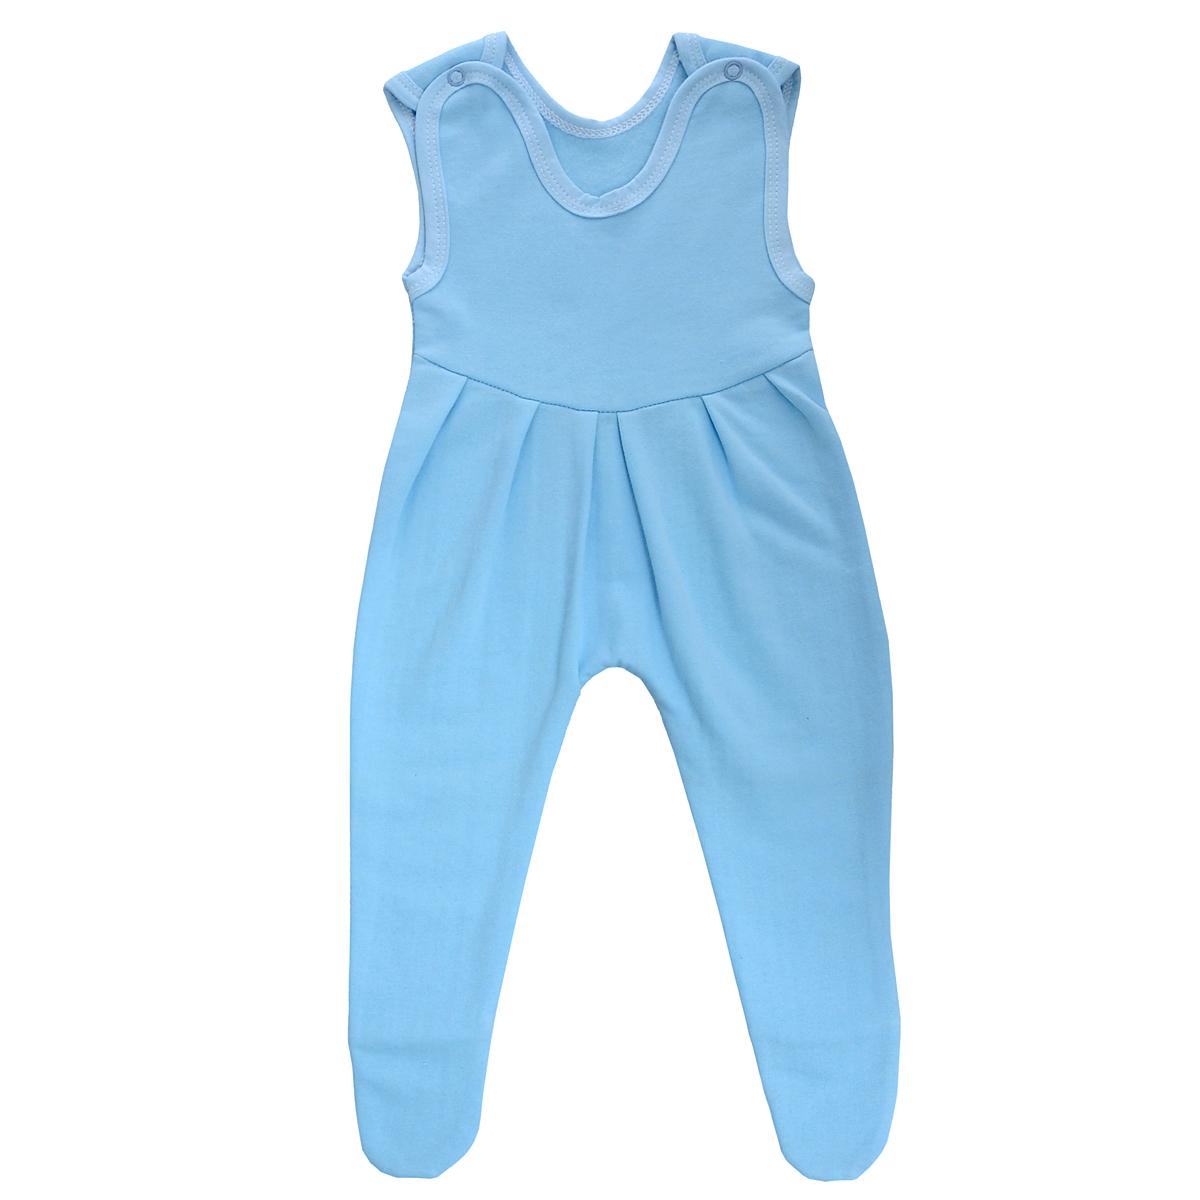 5221Ползунки с грудкой Трон-плюс - очень удобный и практичный вид одежды для малышей. Ползунки выполнены из футера - натурального хлопка, благодаря чему они необычайно мягкие, тепленькие и приятные на ощупь, не раздражают нежную кожу ребенка и хорошо вентилируются, а эластичные швы приятны телу младенца и не препятствуют его движениям. Ползунки с закрытыми ножками, застегивающиеся сверху на две кнопочки, идеально подойдут вашему ребенку, обеспечивая ему наибольший комфорт, подходят для ношения с подгузником и без него. От линии груди заложены складочки, придающие изделию оригинальность. Ползунки с грудкой полностью соответствуют особенностям жизни младенца в ранний период, не стесняя и не ограничивая его в движениях!